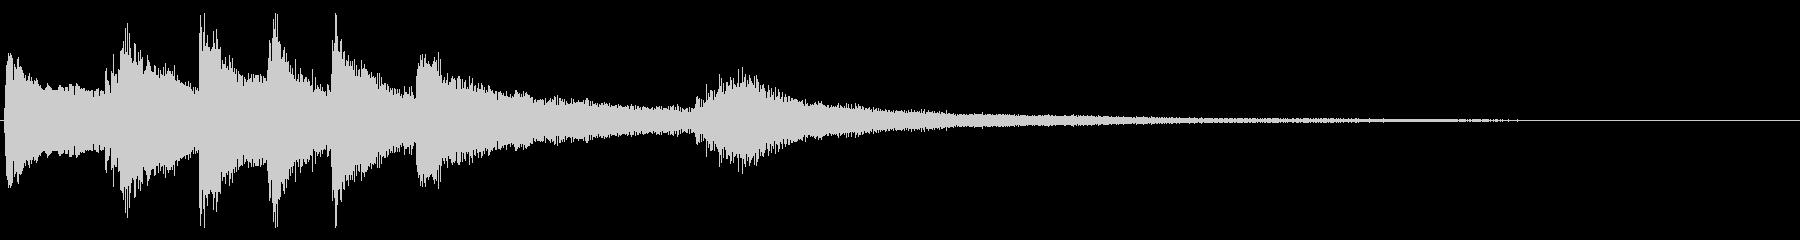 KANTジングルピアノ&ギターの未再生の波形